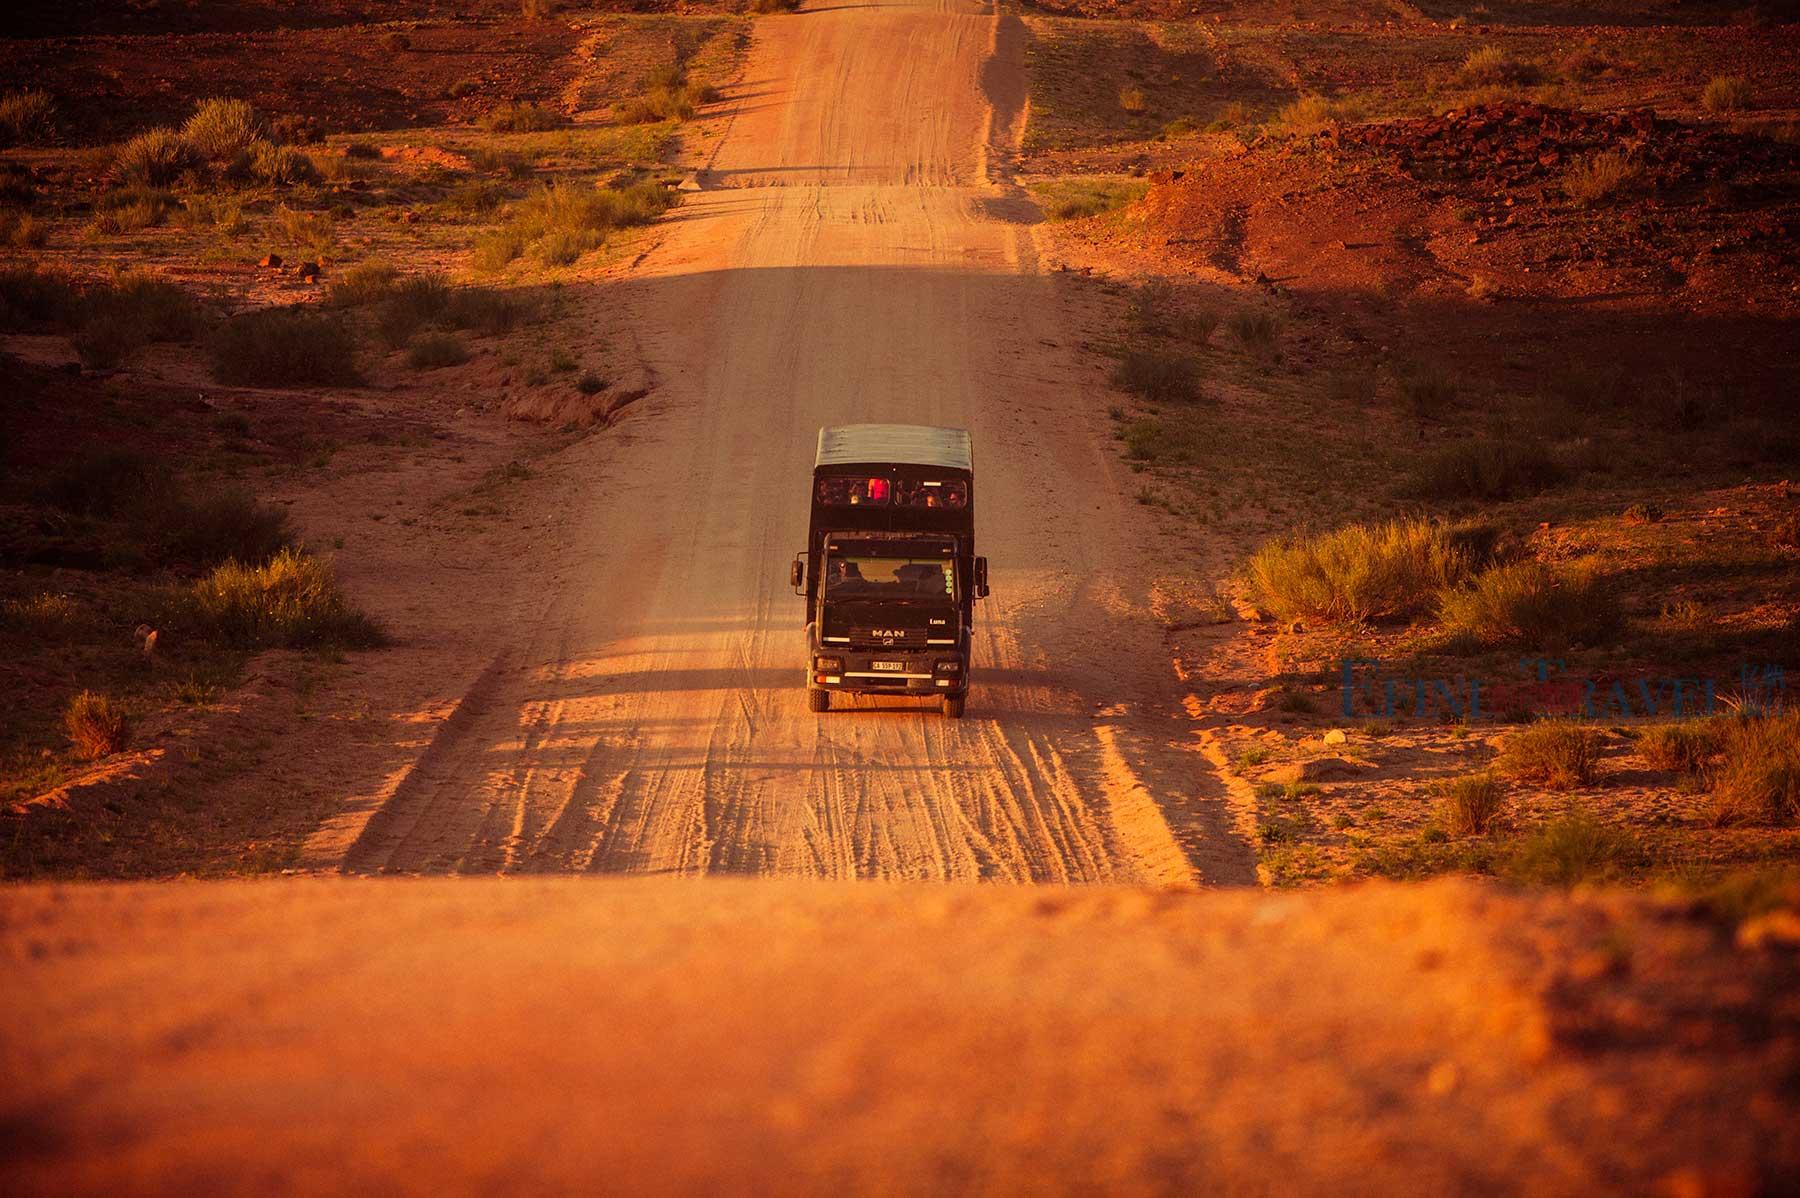 穿越非洲旅行越野卡车